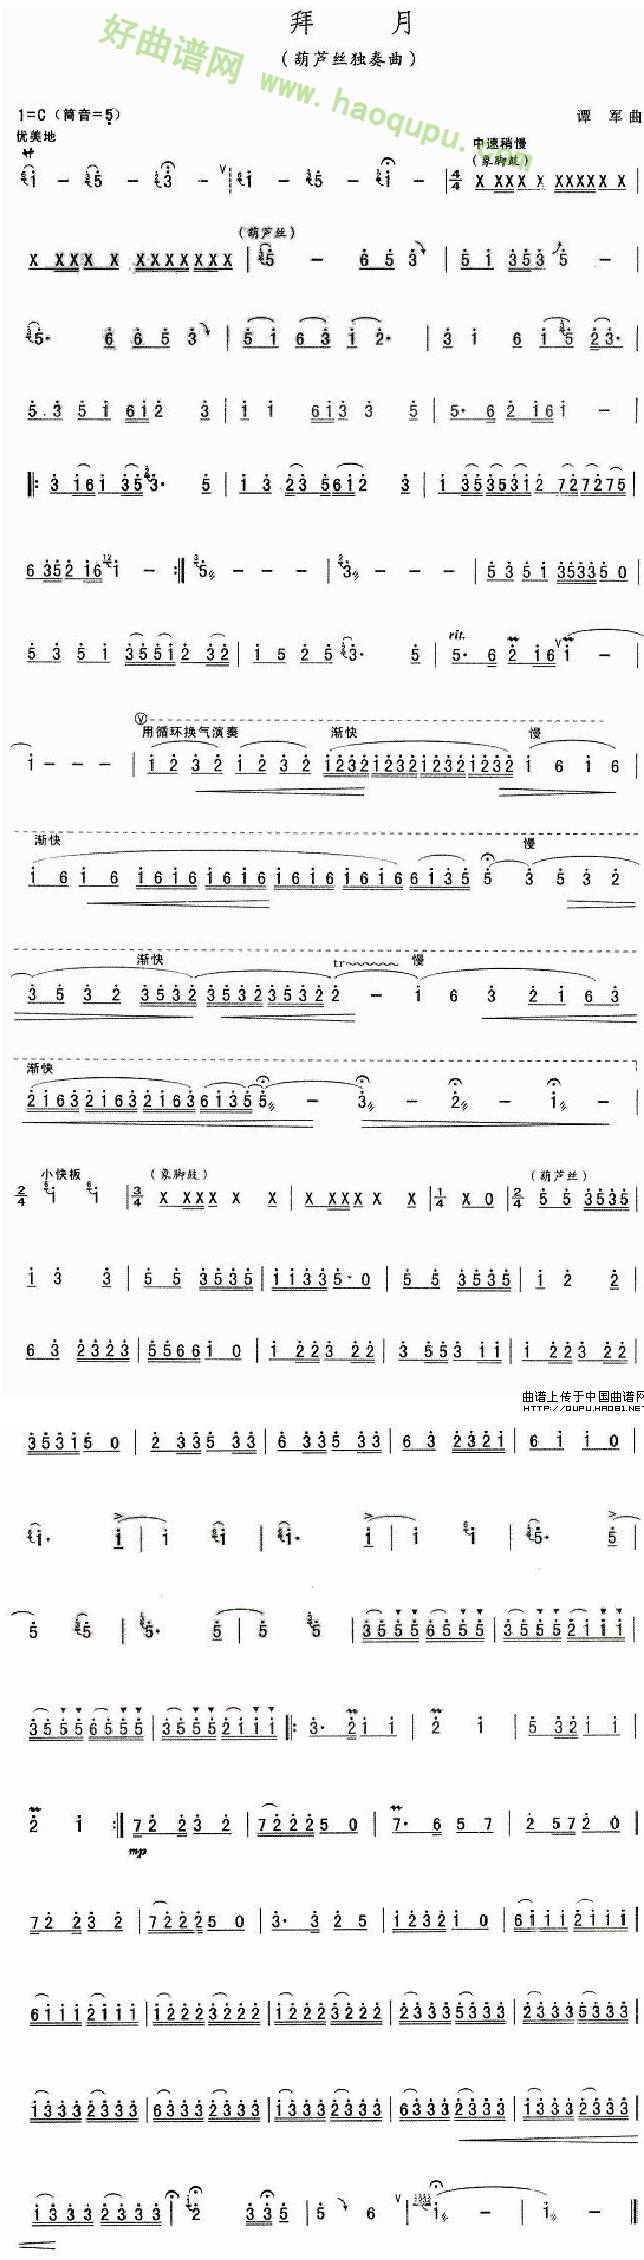 《拜月》 葫芦丝曲谱第1张